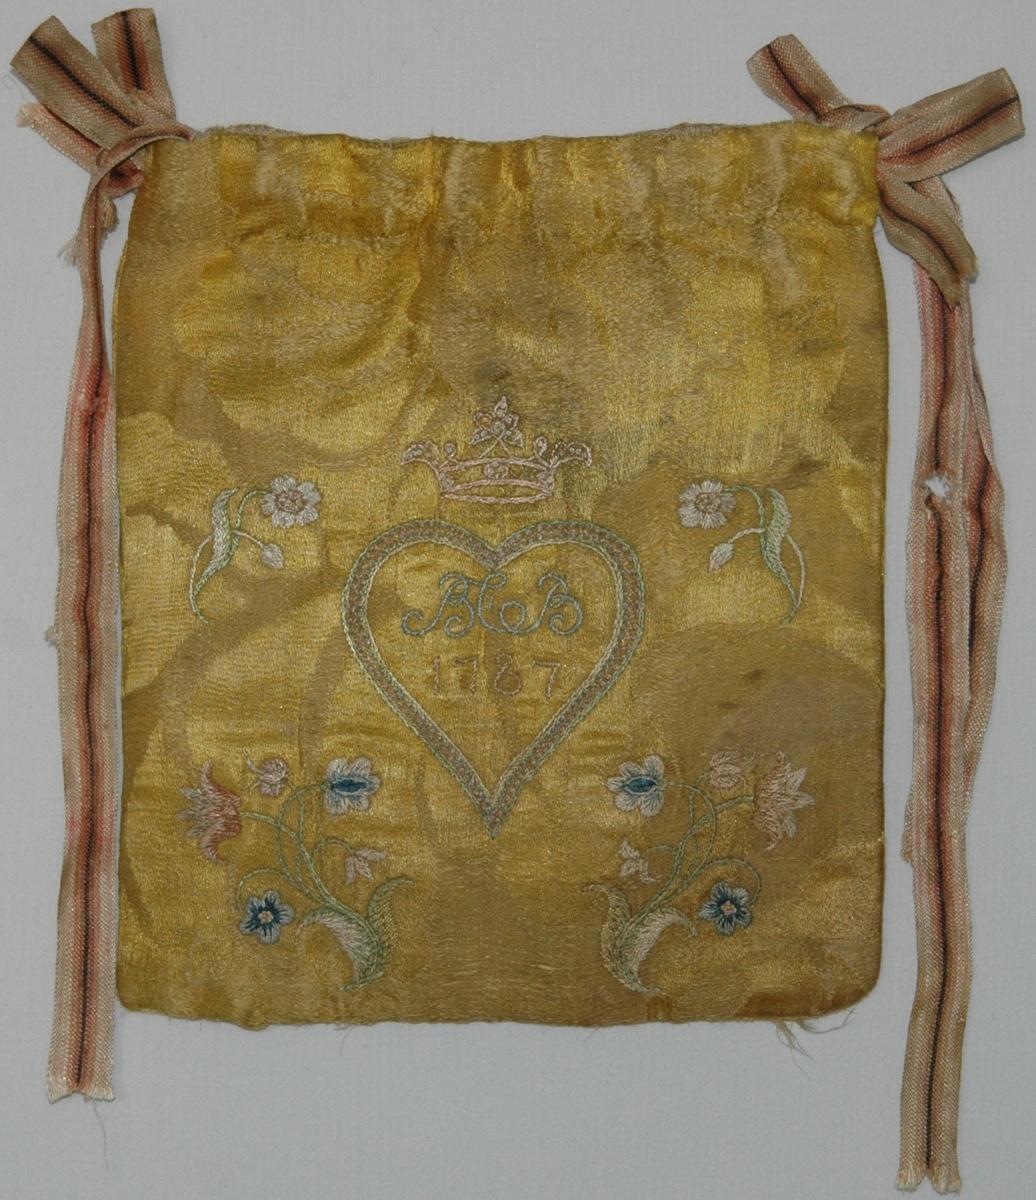 Handväska av gult sidendamasttyg med broderi i flera färer. Märkt på ena sidan BCB 1787 i ett hjärta under en grevlig krona. På andra sidan en broderad blomma. Fodrad med linnetyg.